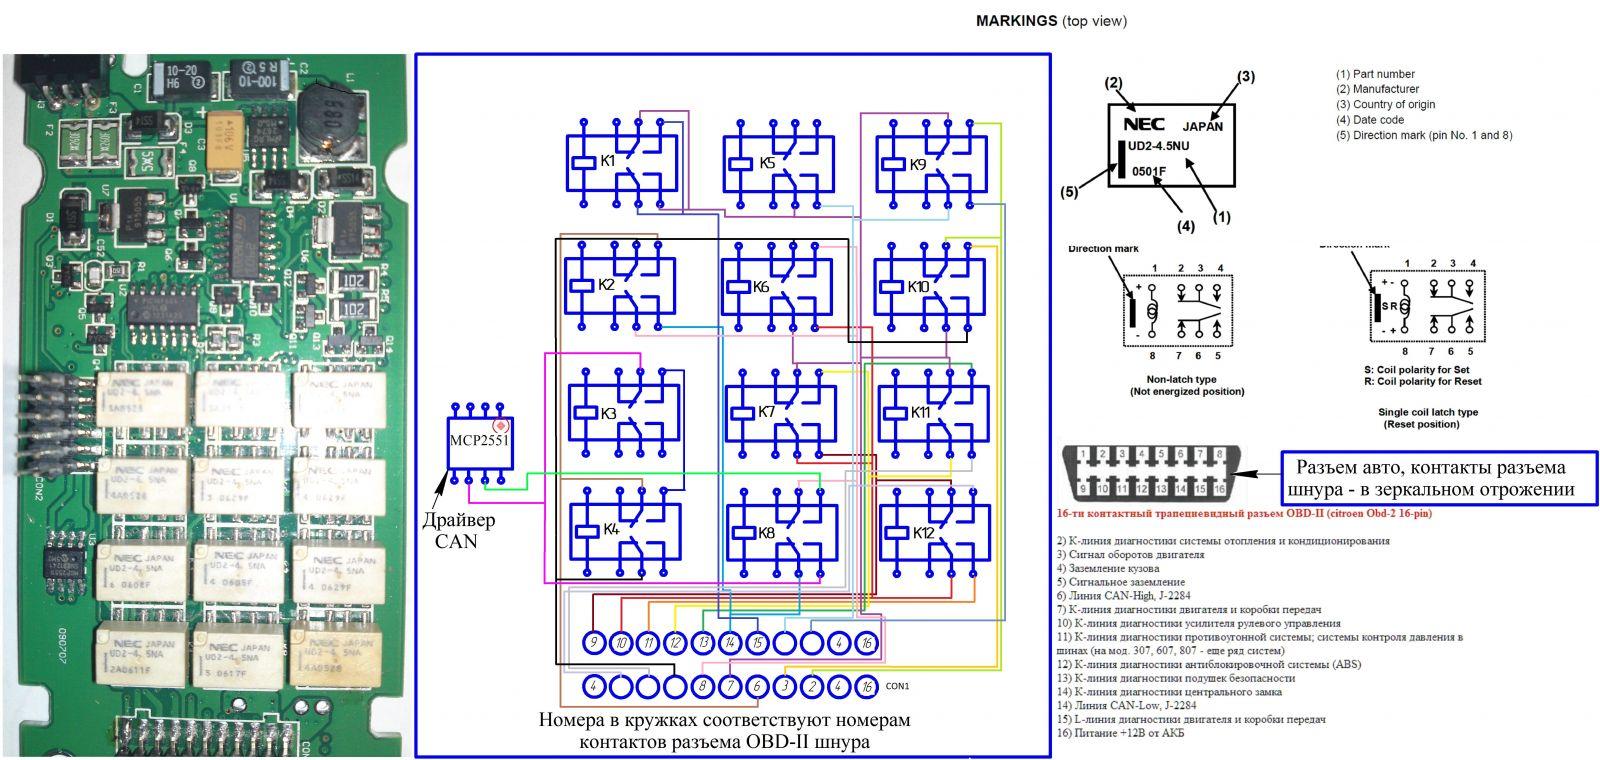 схема подключения реле  диагностического шнура